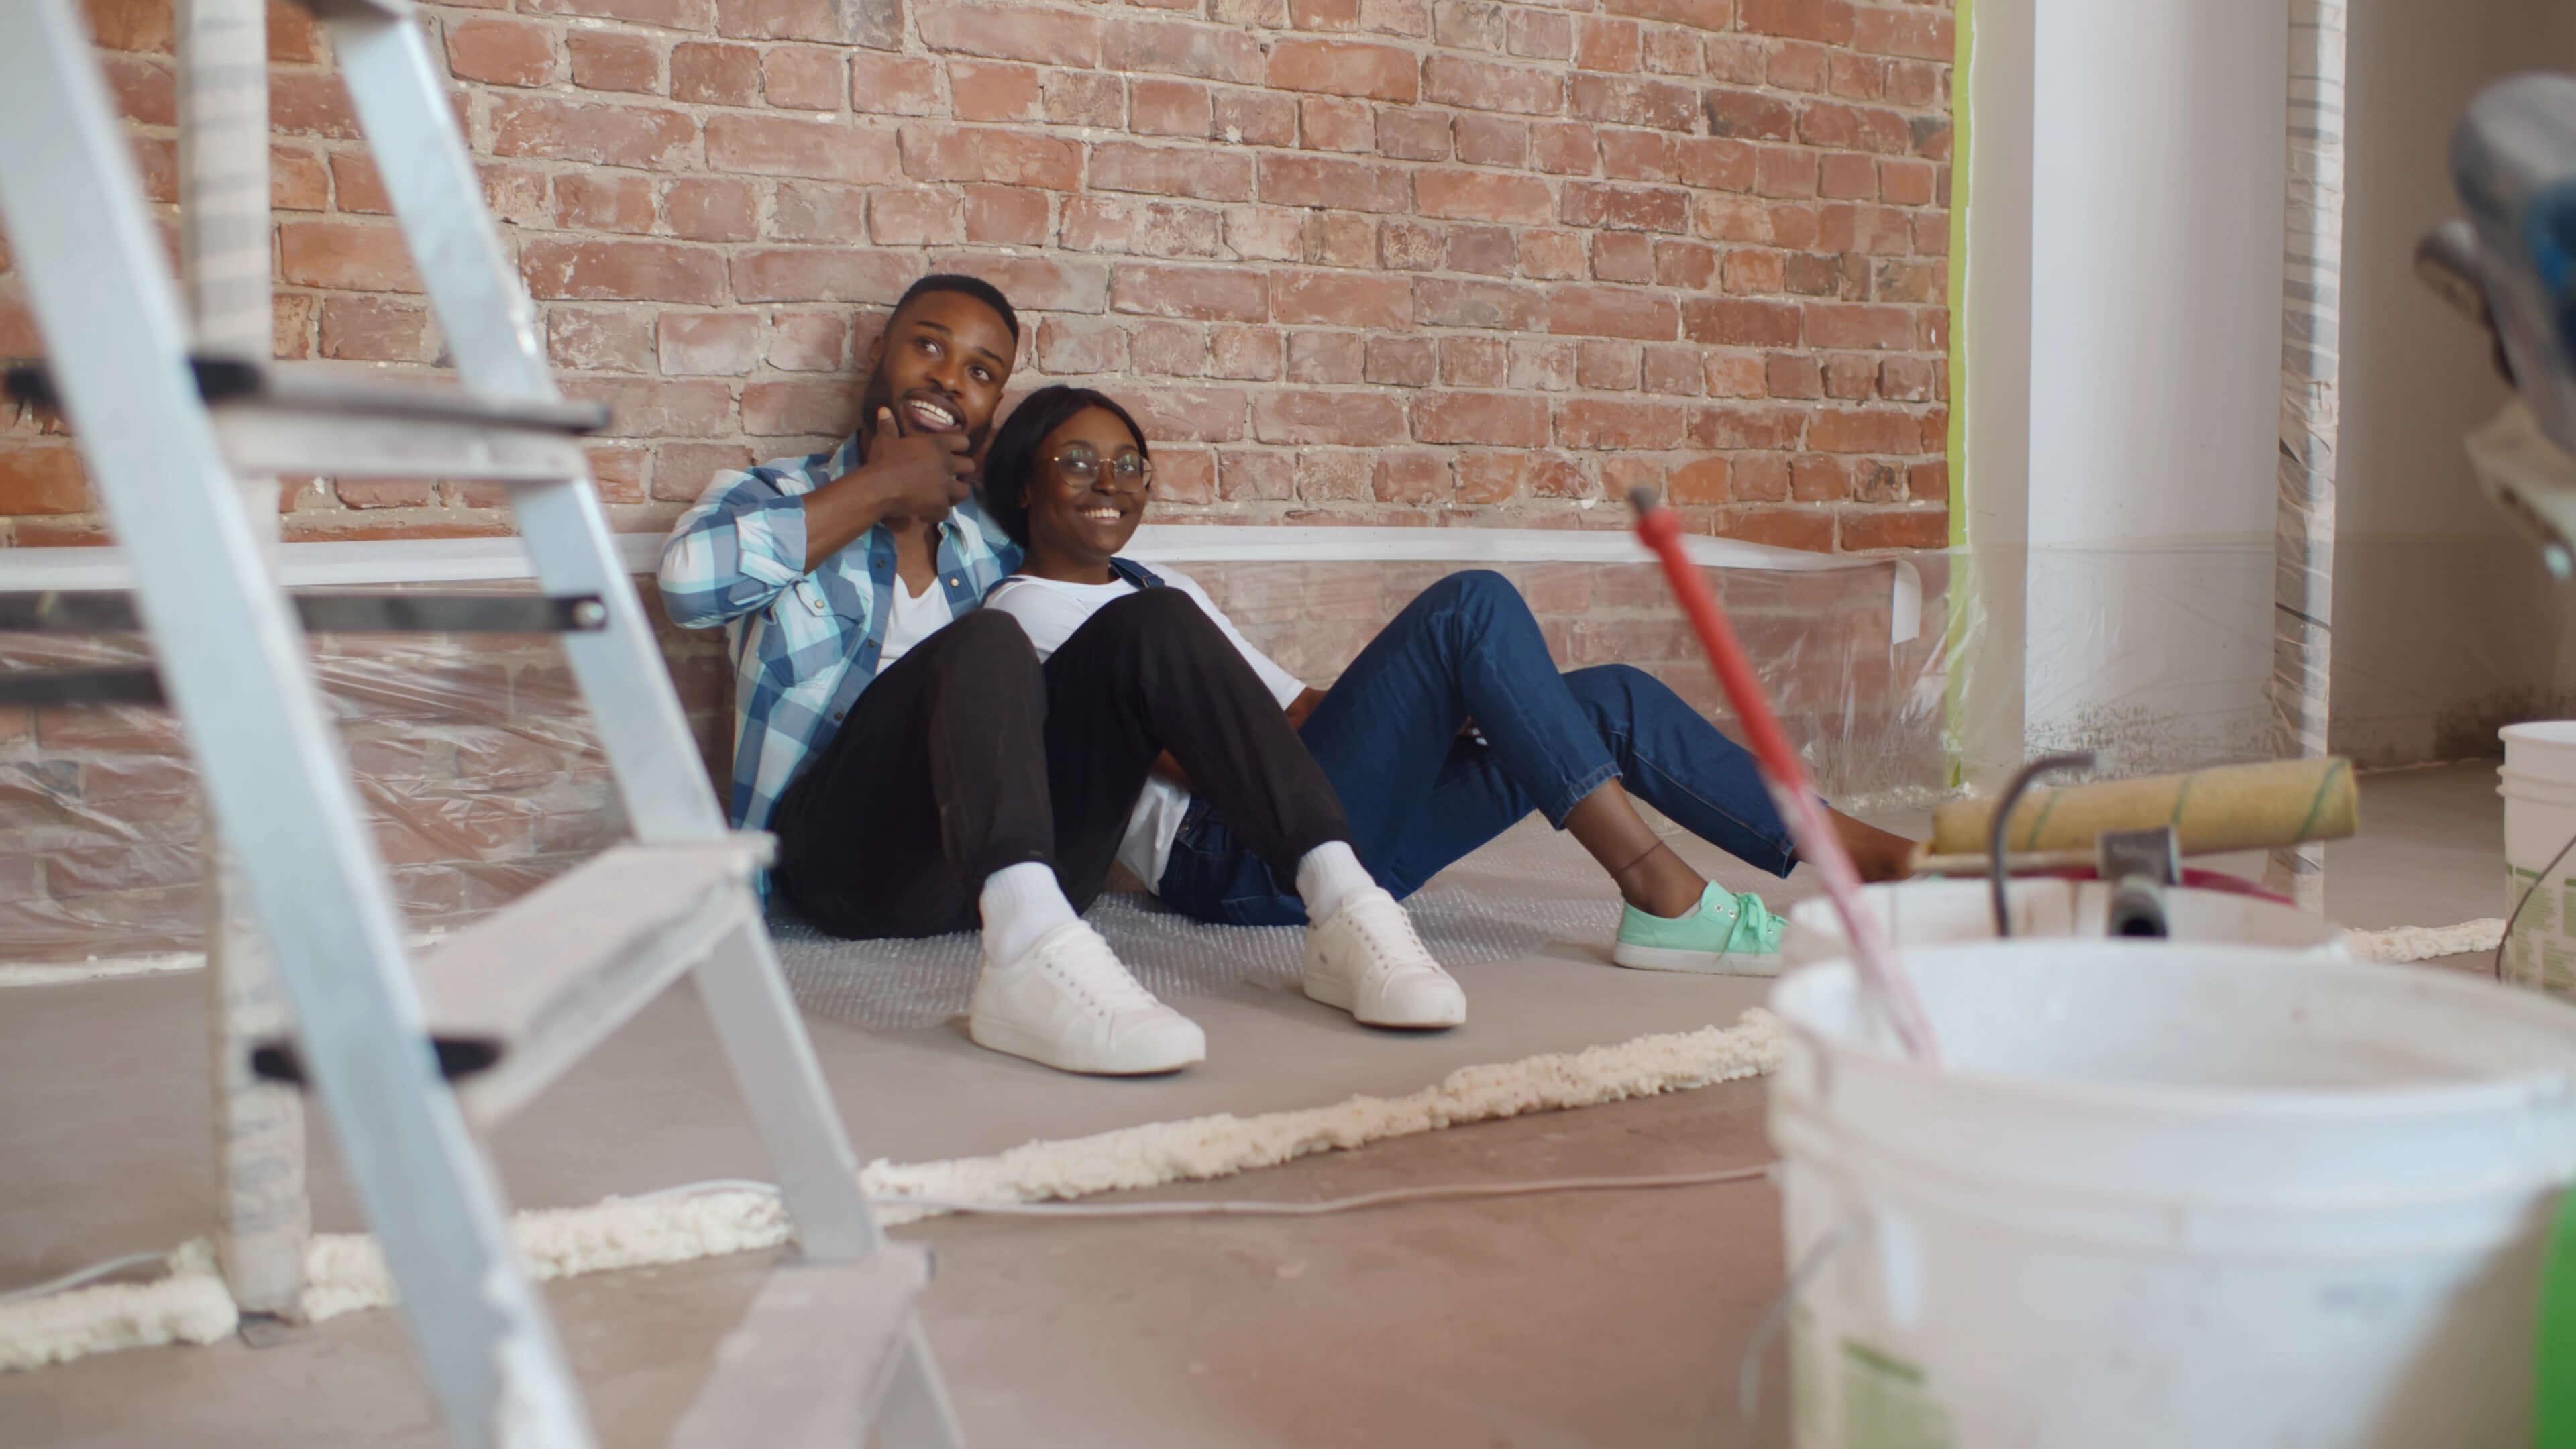 Tipps gegen Langeweile im Corona-Lockdown